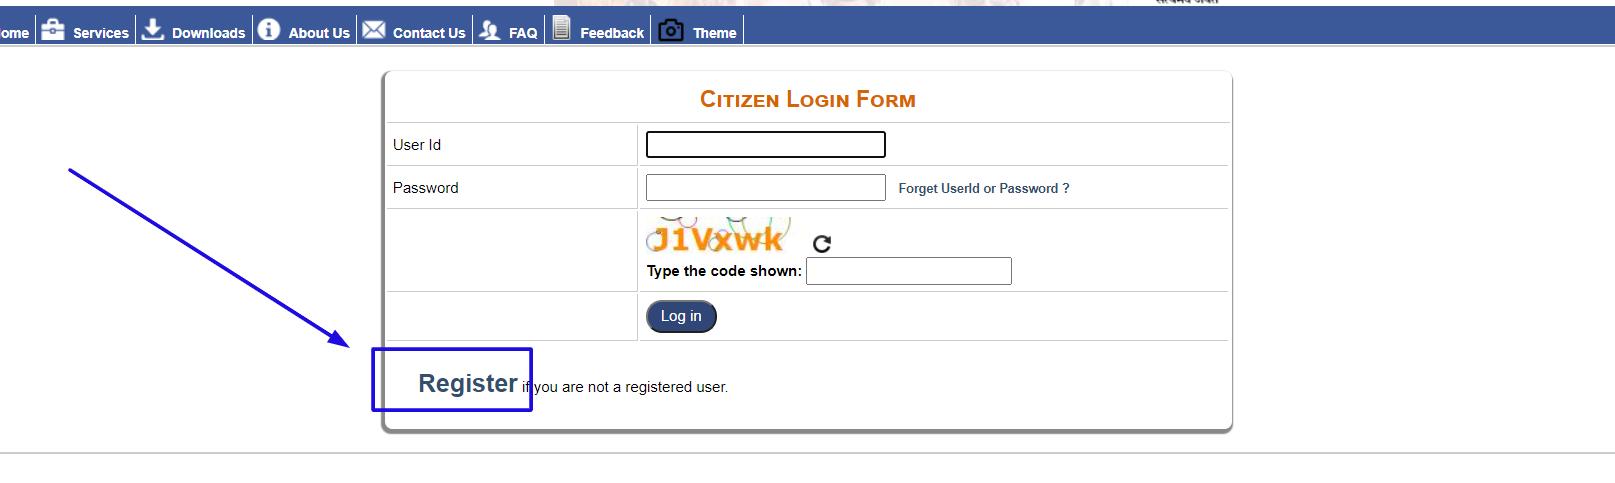 registration-karein-delhi-ration-card-2021